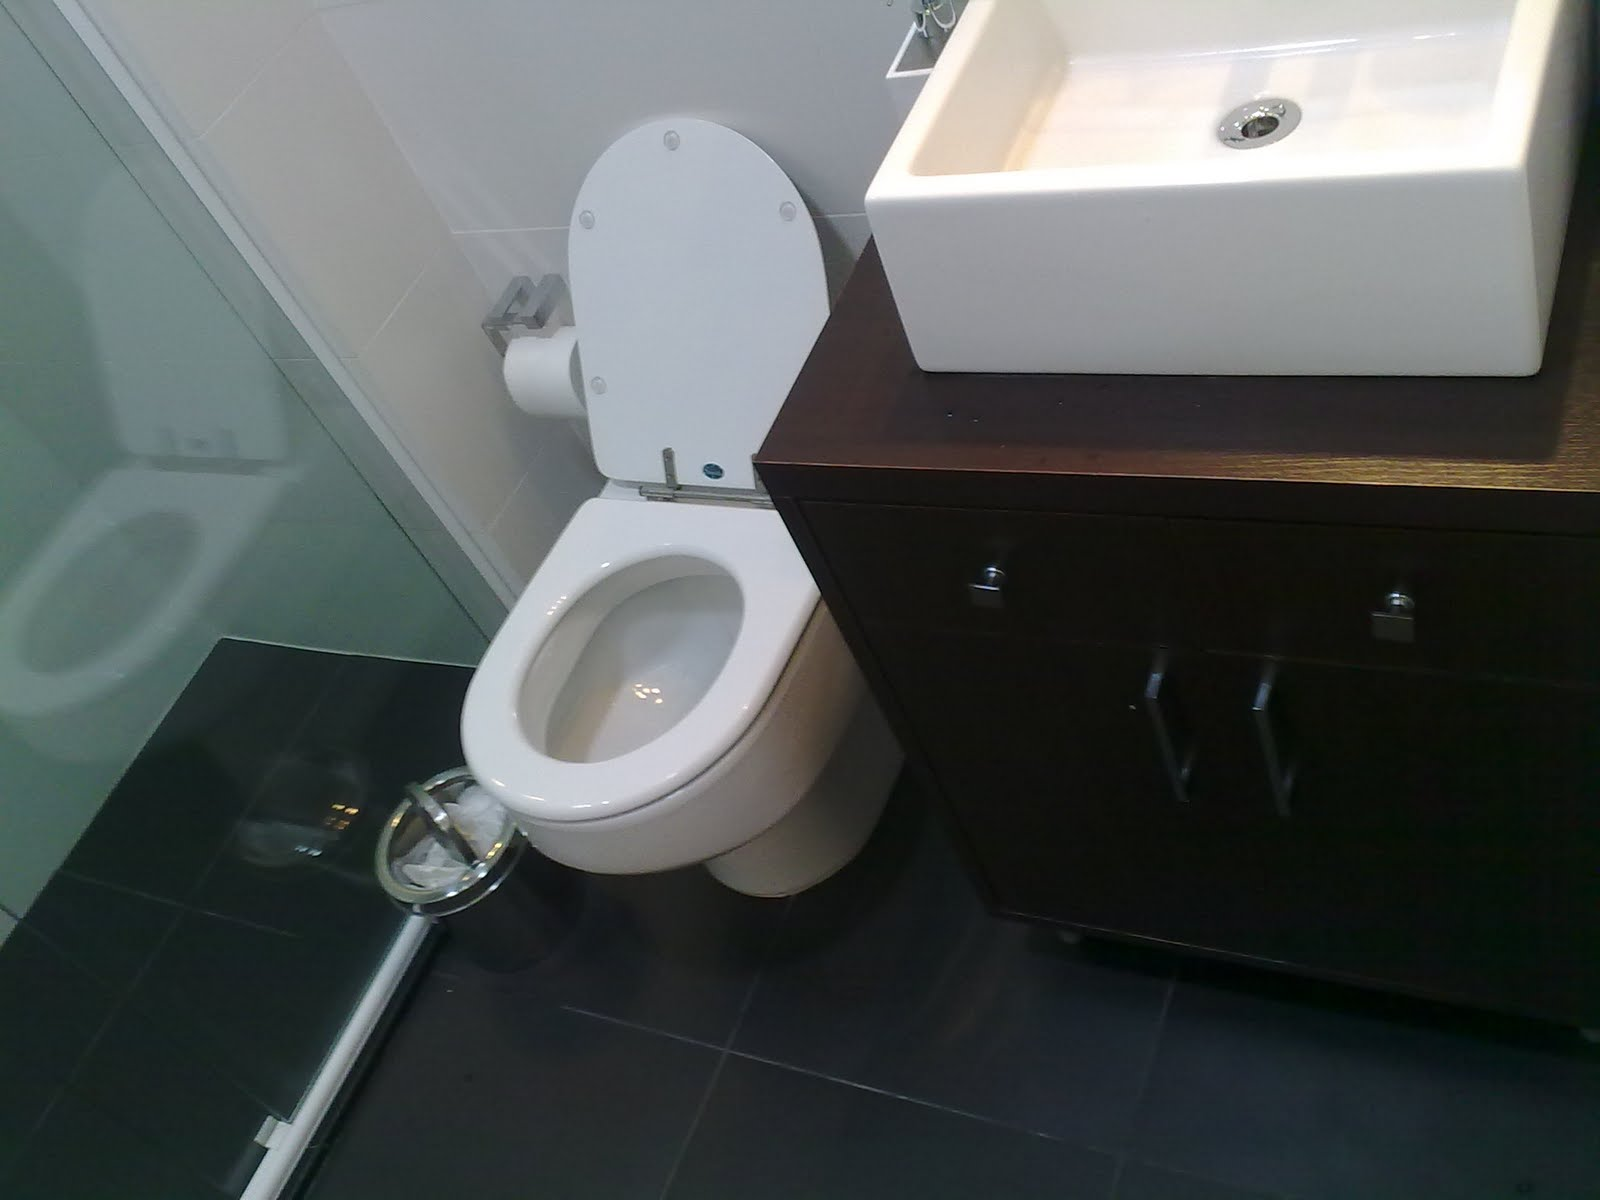 Dicas de pisos para banheiro preto  Decorando Casas -> Banheiro Decorado Com Porcelanato Preto